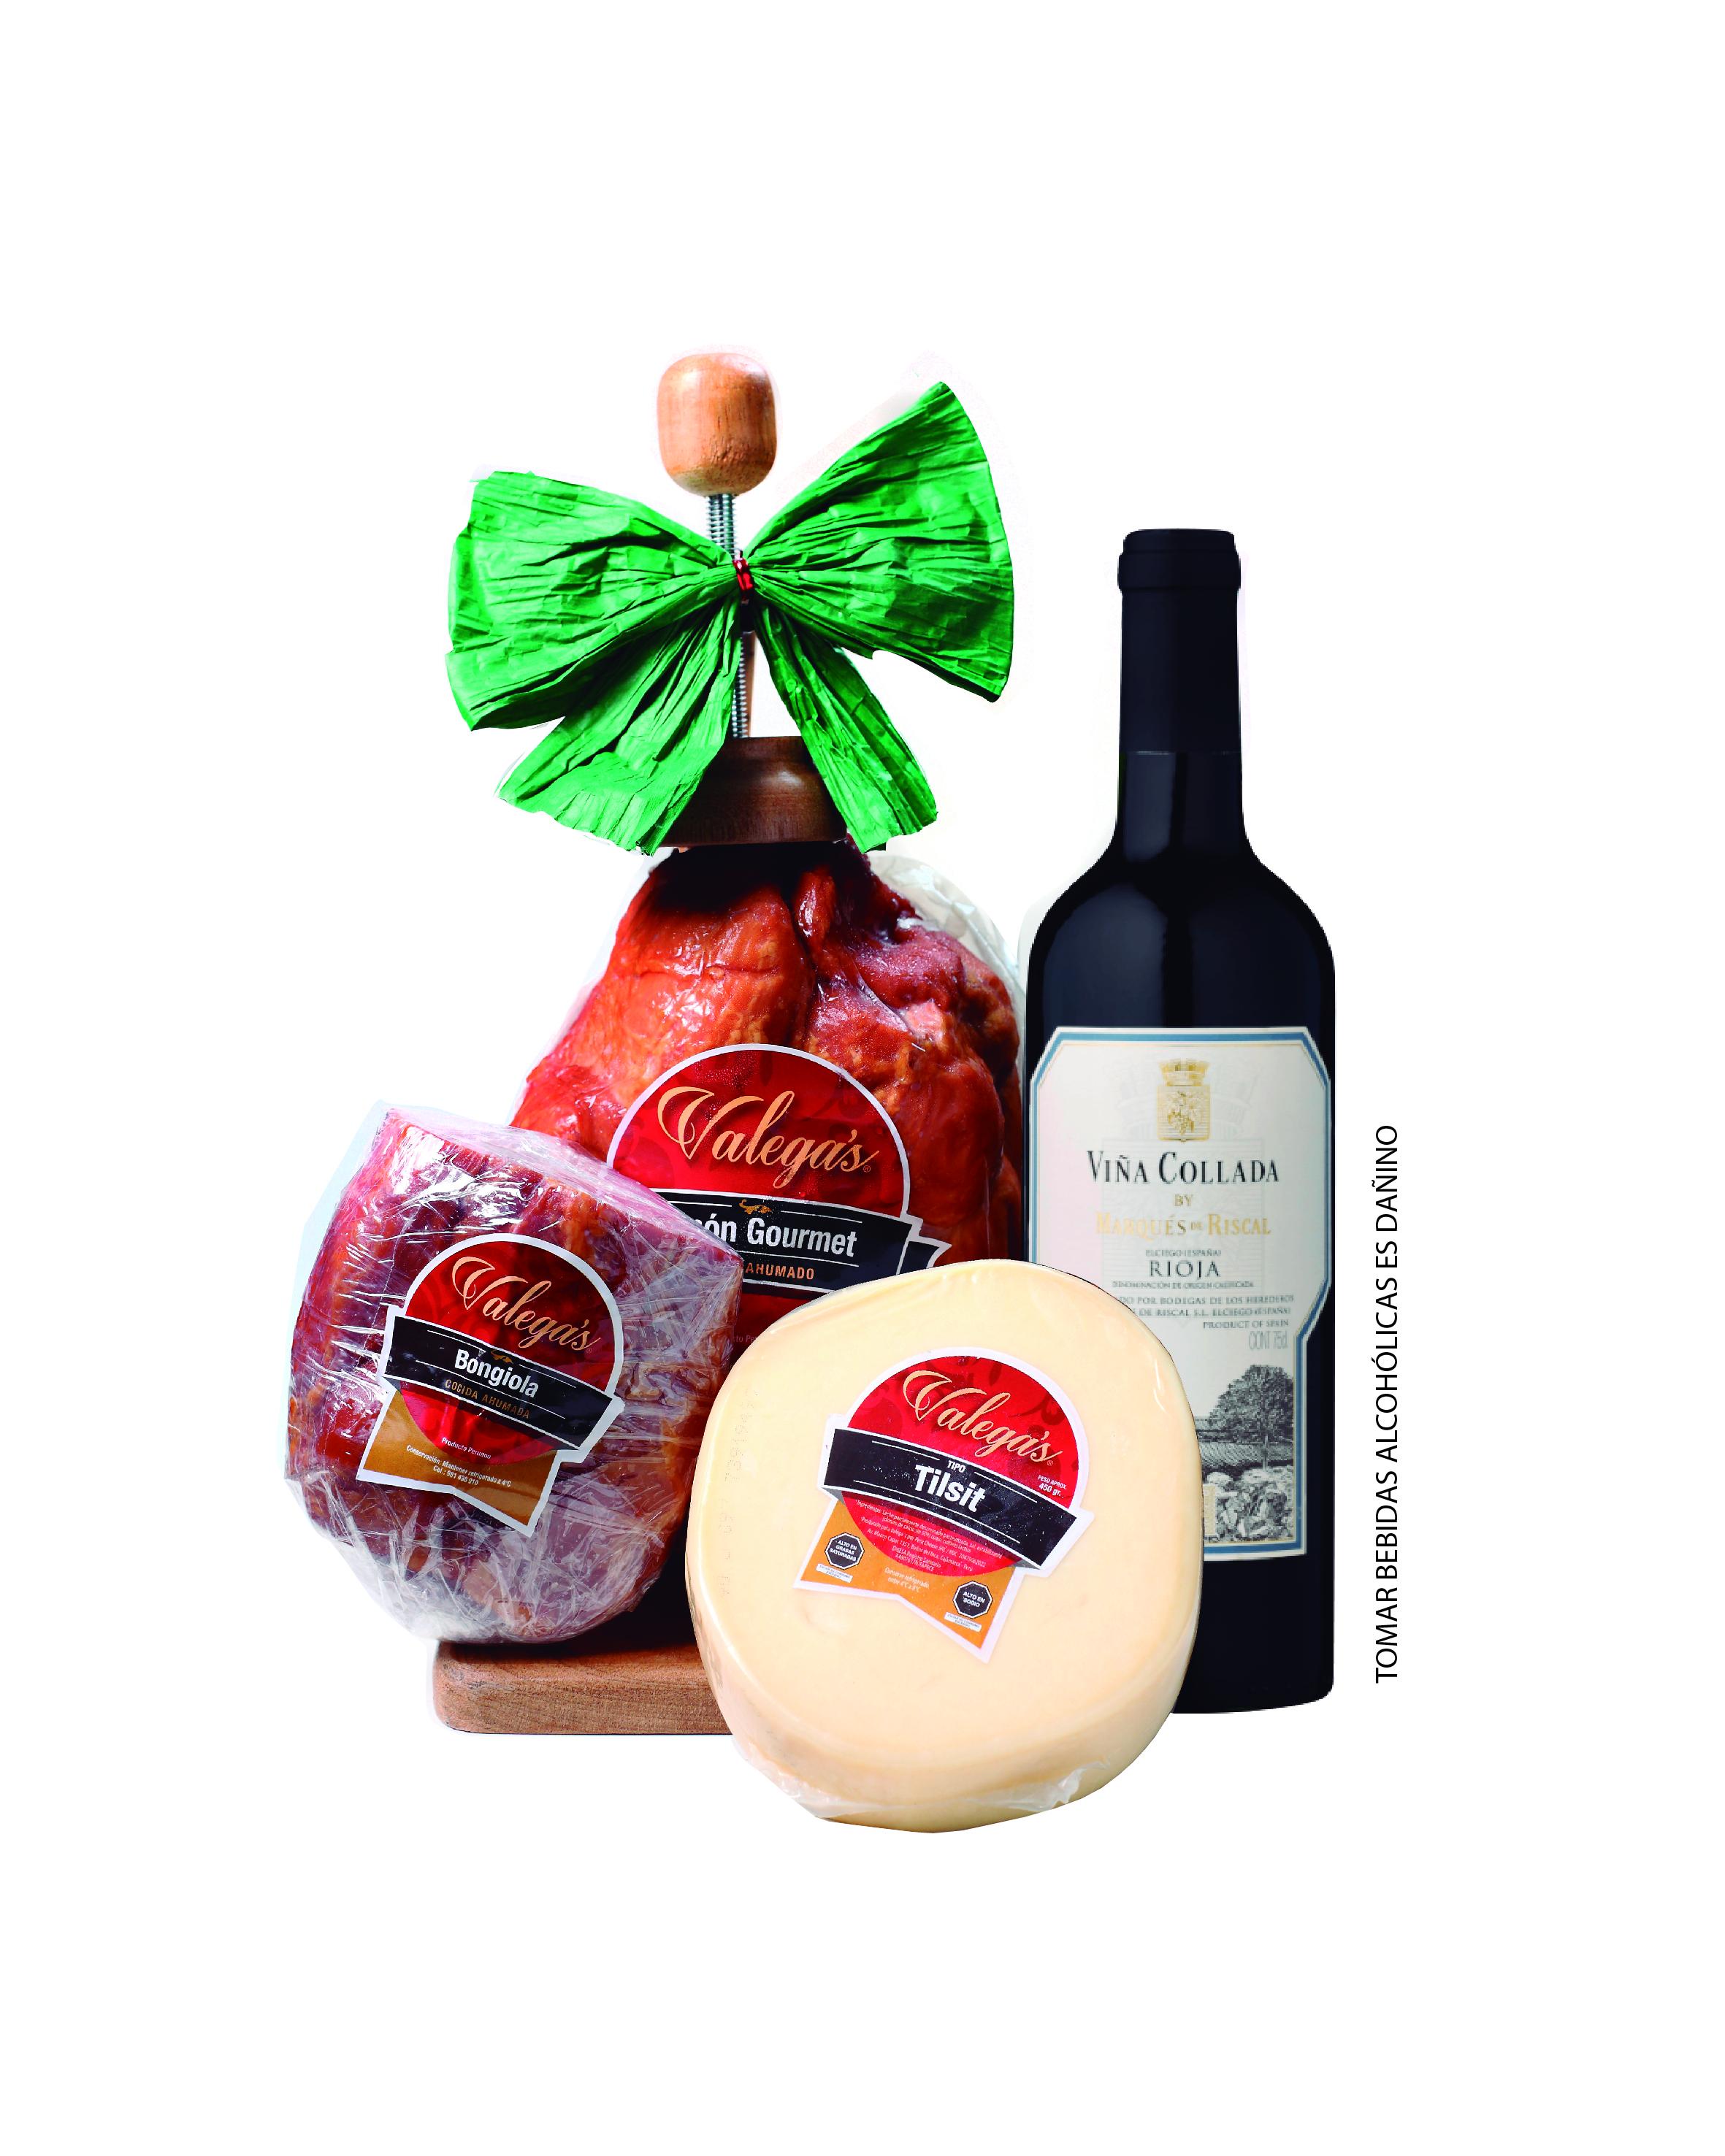 Jamón Gourmet de 2.7kg con parador de madera acompañado por un vino Rioja de Marqués del Riscal, 500gr de bongiola y 450gr de queso tipo Tilsit